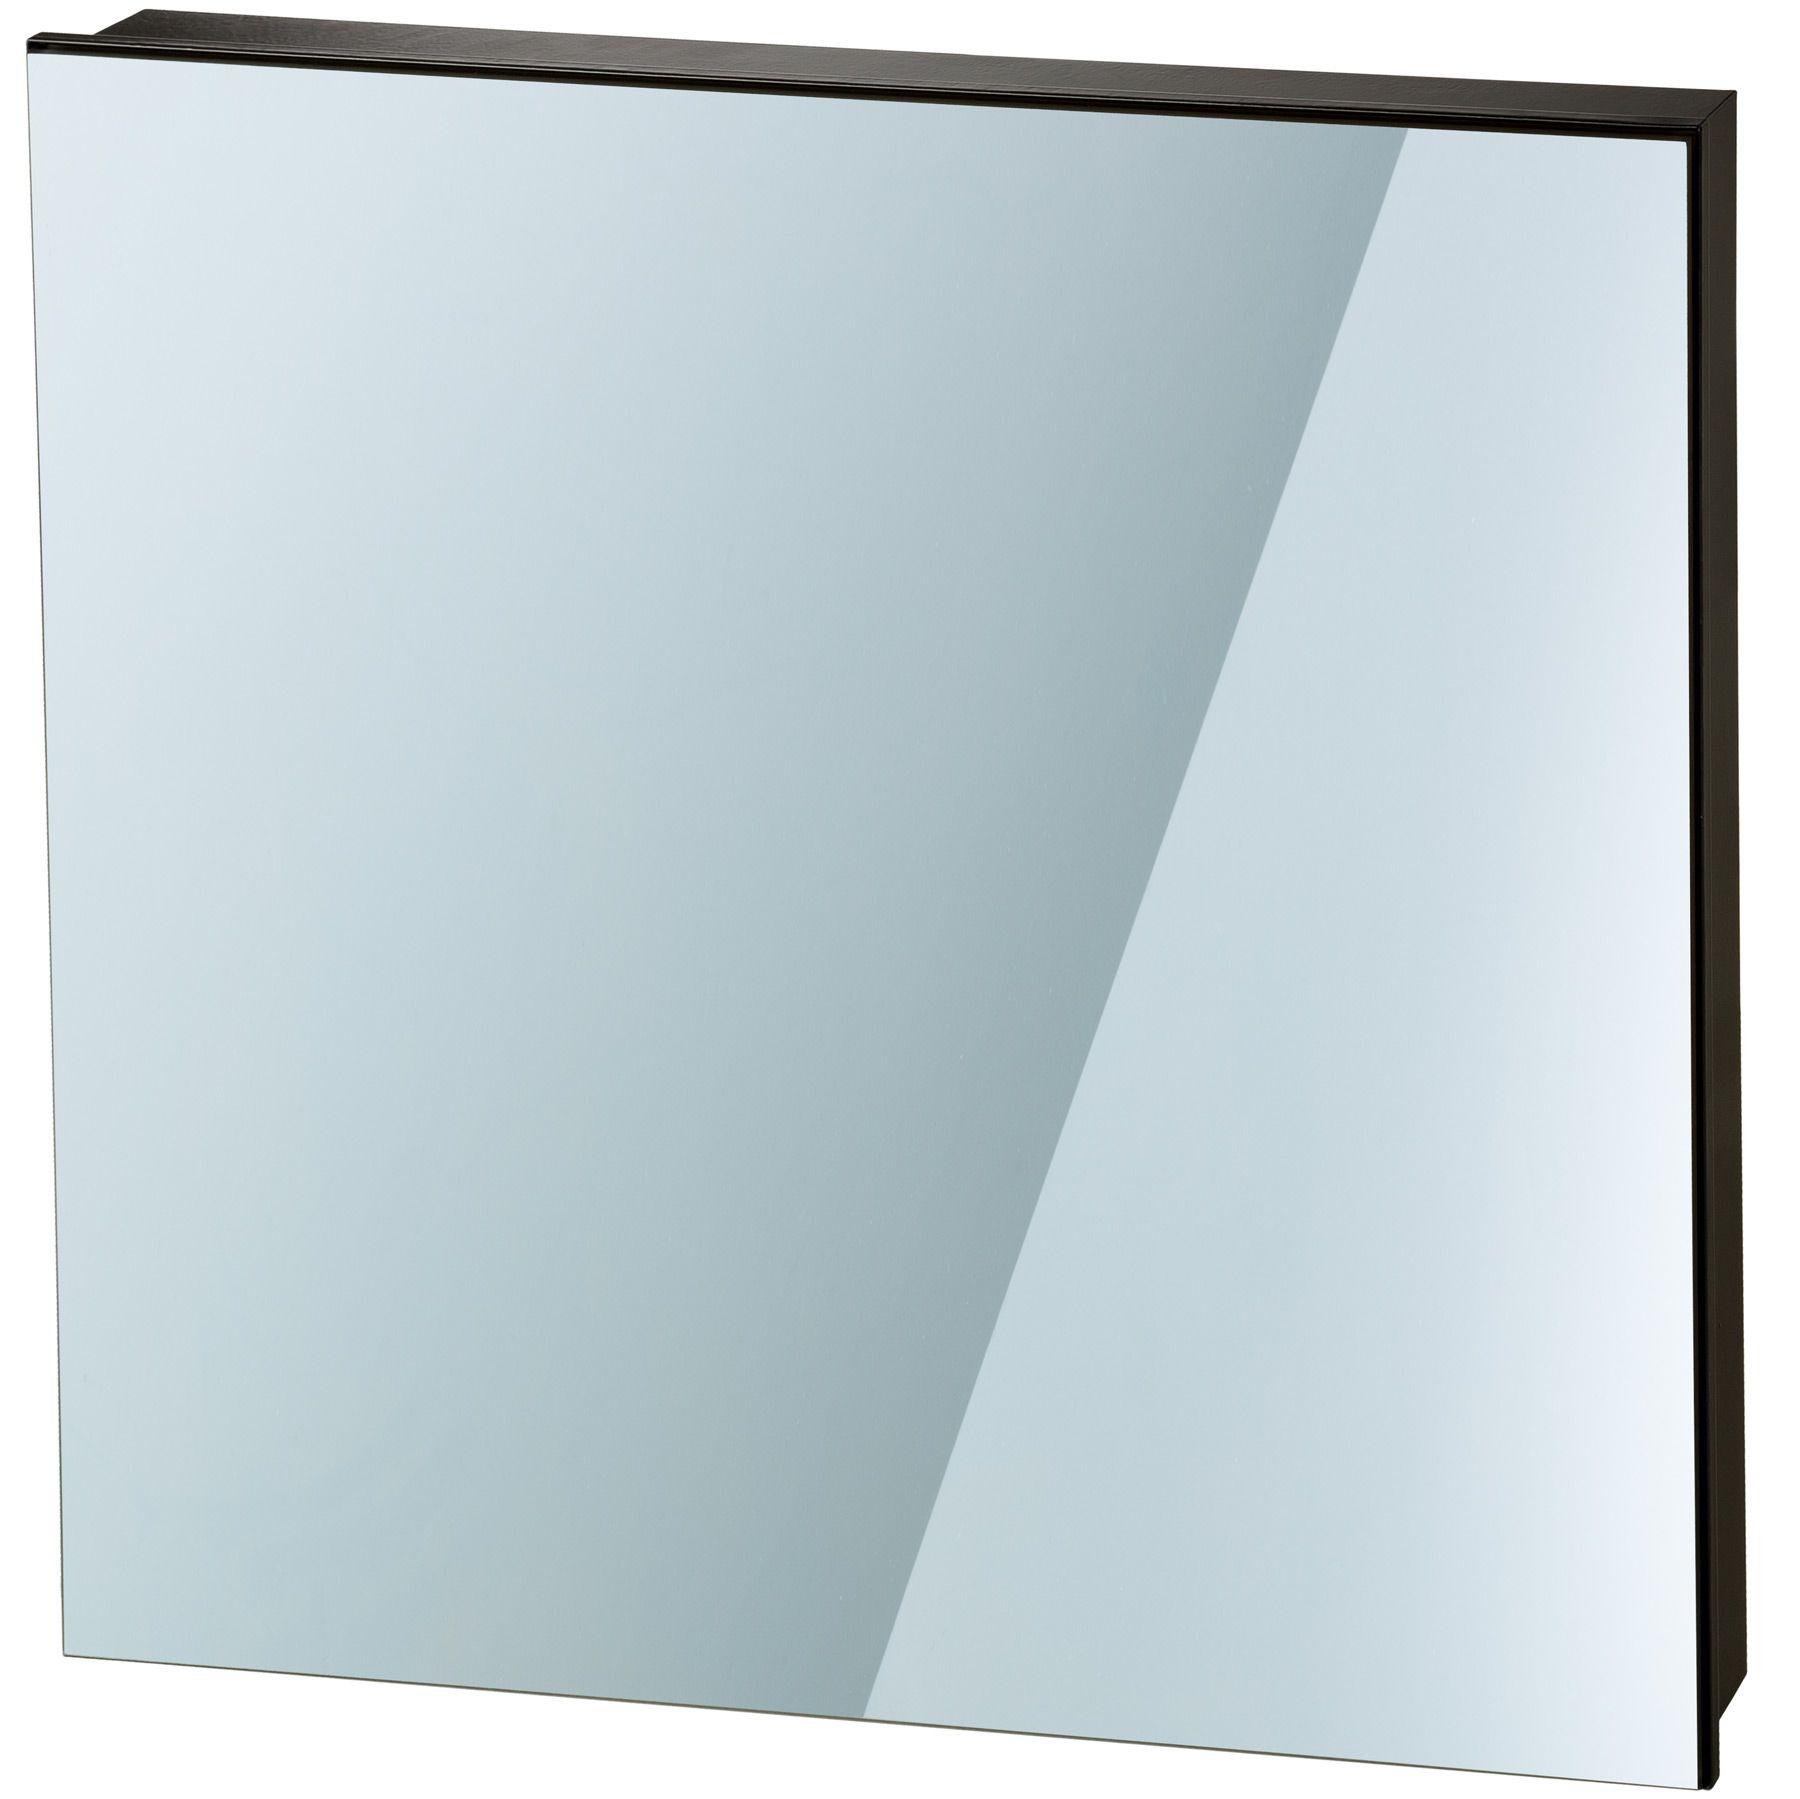 Pannelli Radianti Al Posto Dei Termosifoni dettagli su pannello radiante infrarossi in specchio 450 watt riscaldamento  termico a raggi